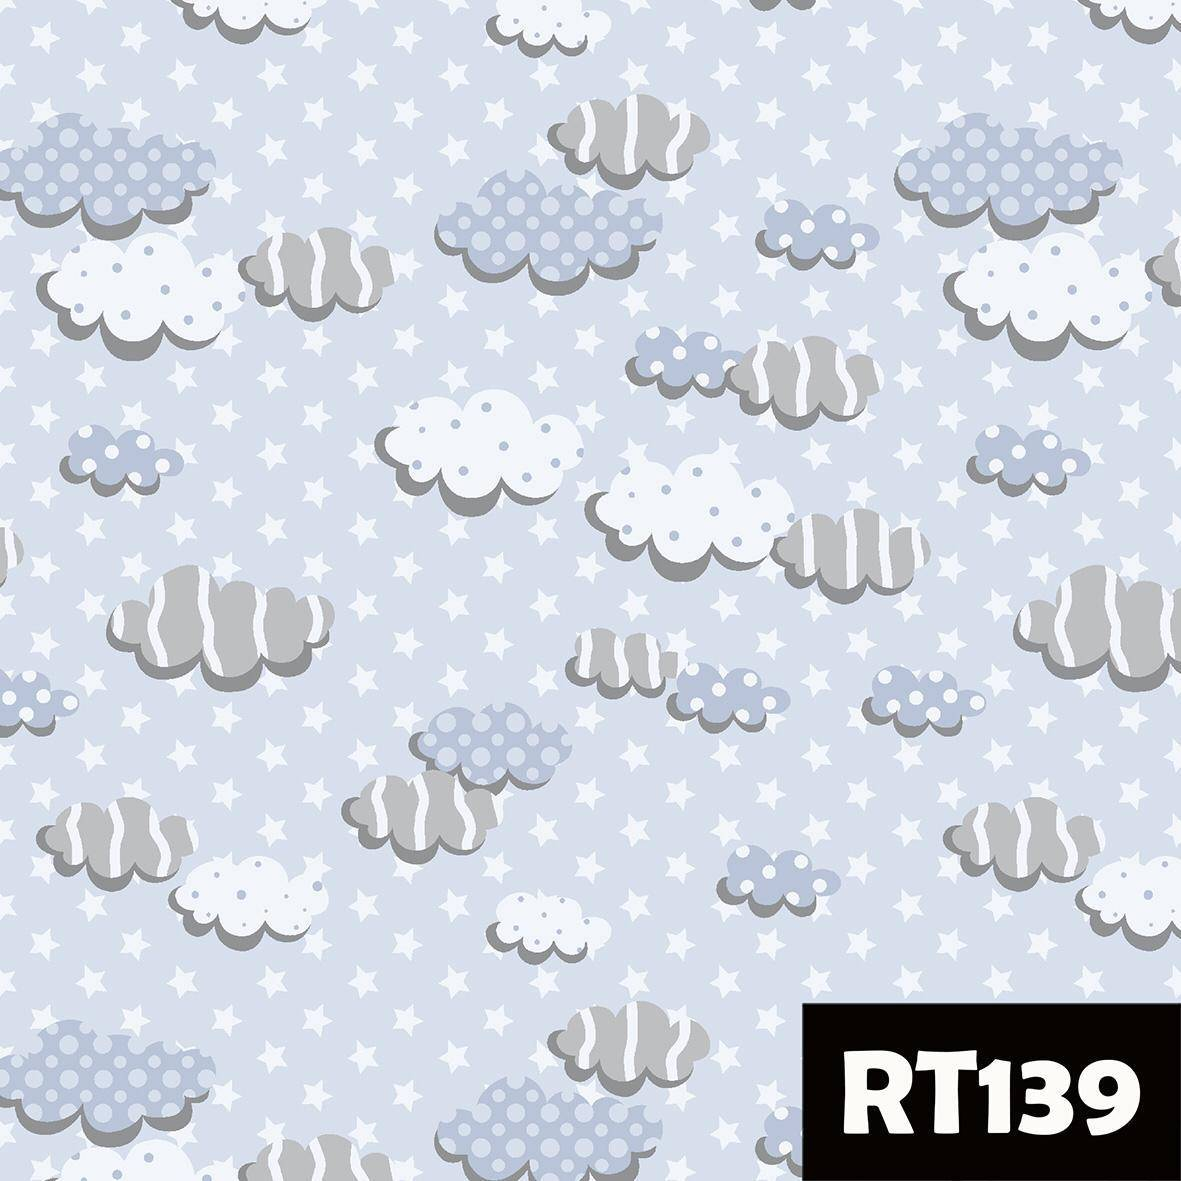 Nuvens azul Ref. RT139 Fuxicos e Fricotes - Armarinhos Nodari